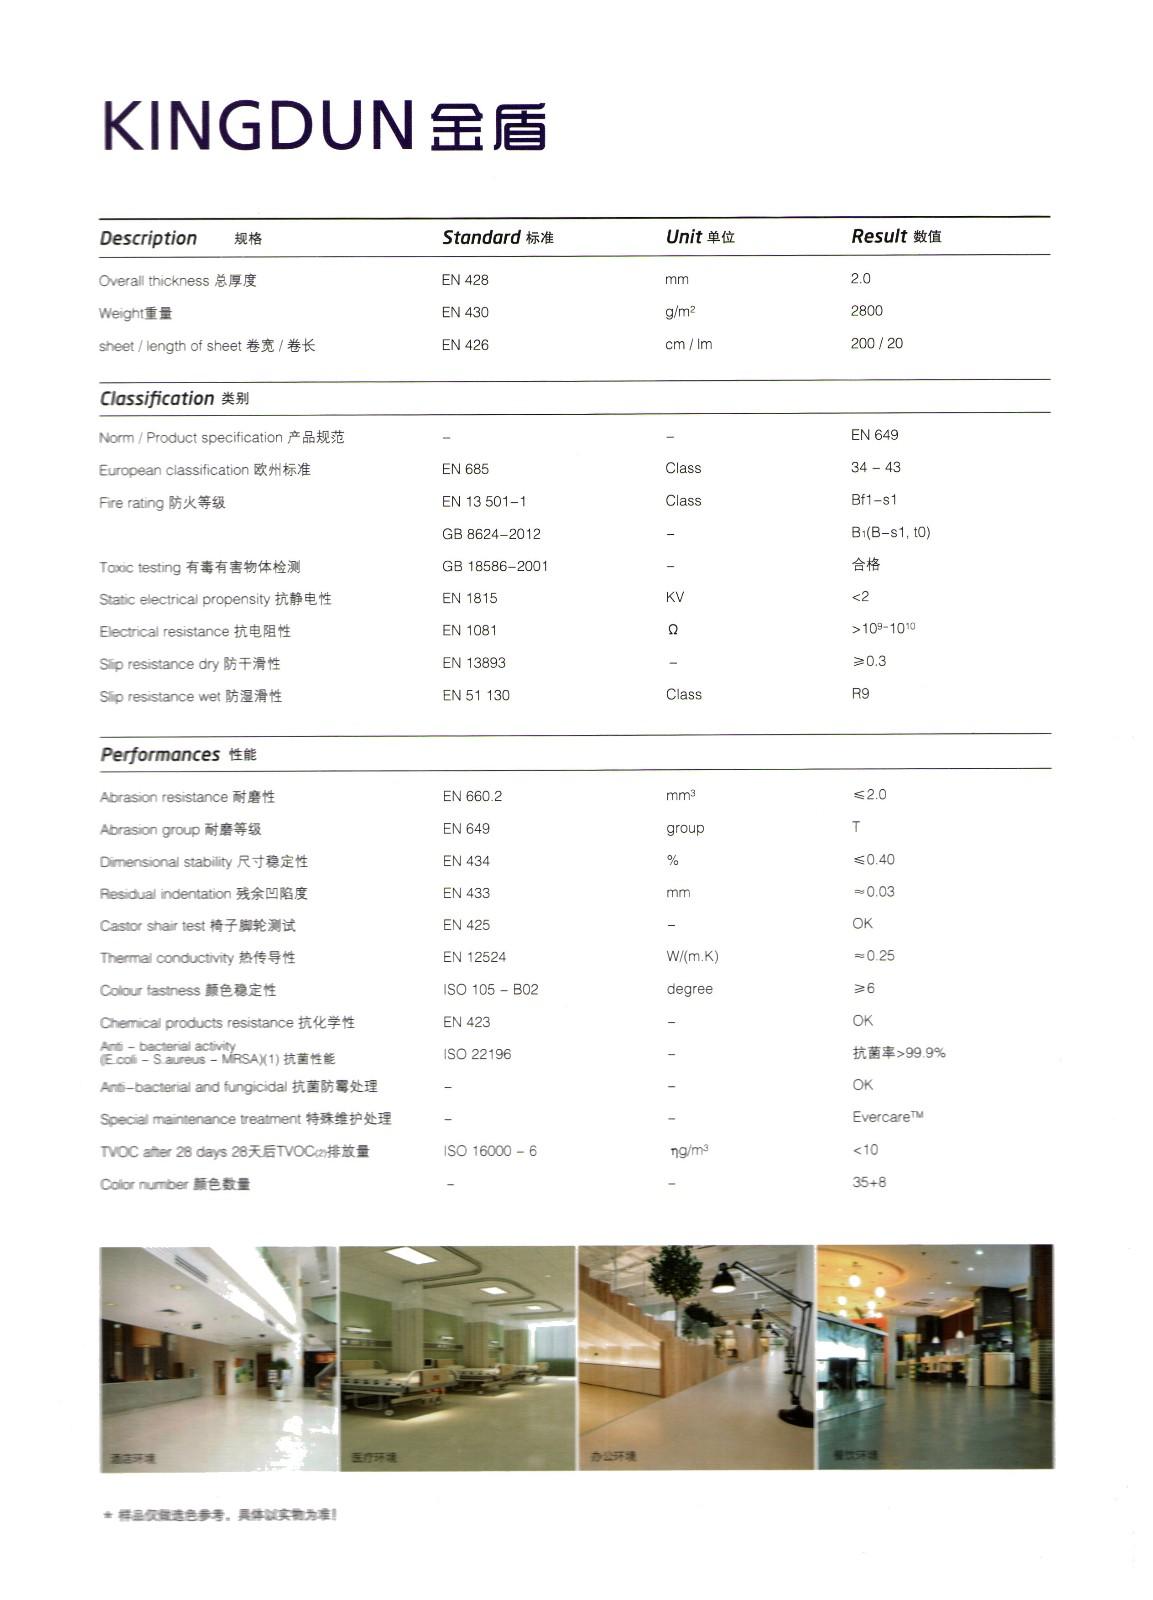 凯立龙金盾pvc地板|凯利龙系列-陕西棋牌挣钱建材有限责任公司